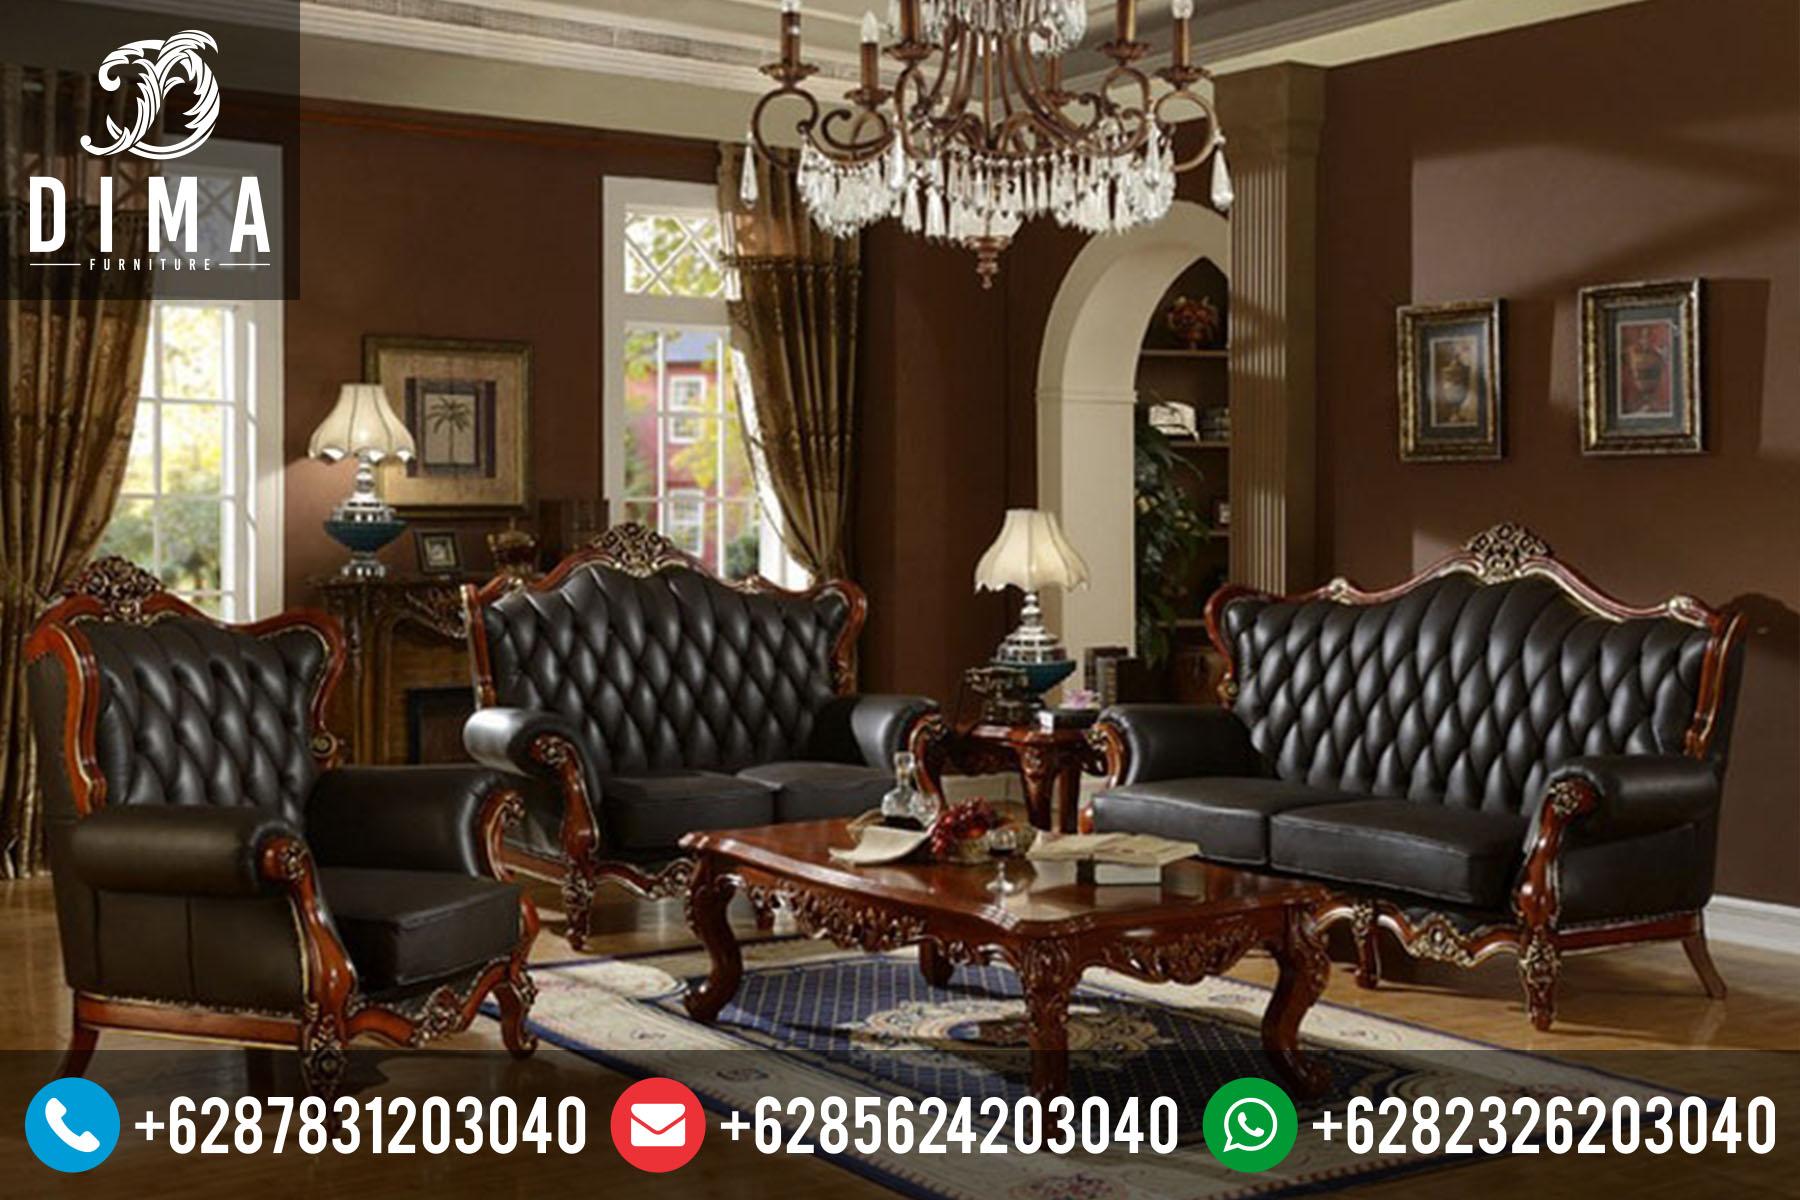 Mebel Jepara Set Sofa Kursi Tamu Klasik Mewah Terbaru Murah ST-0044